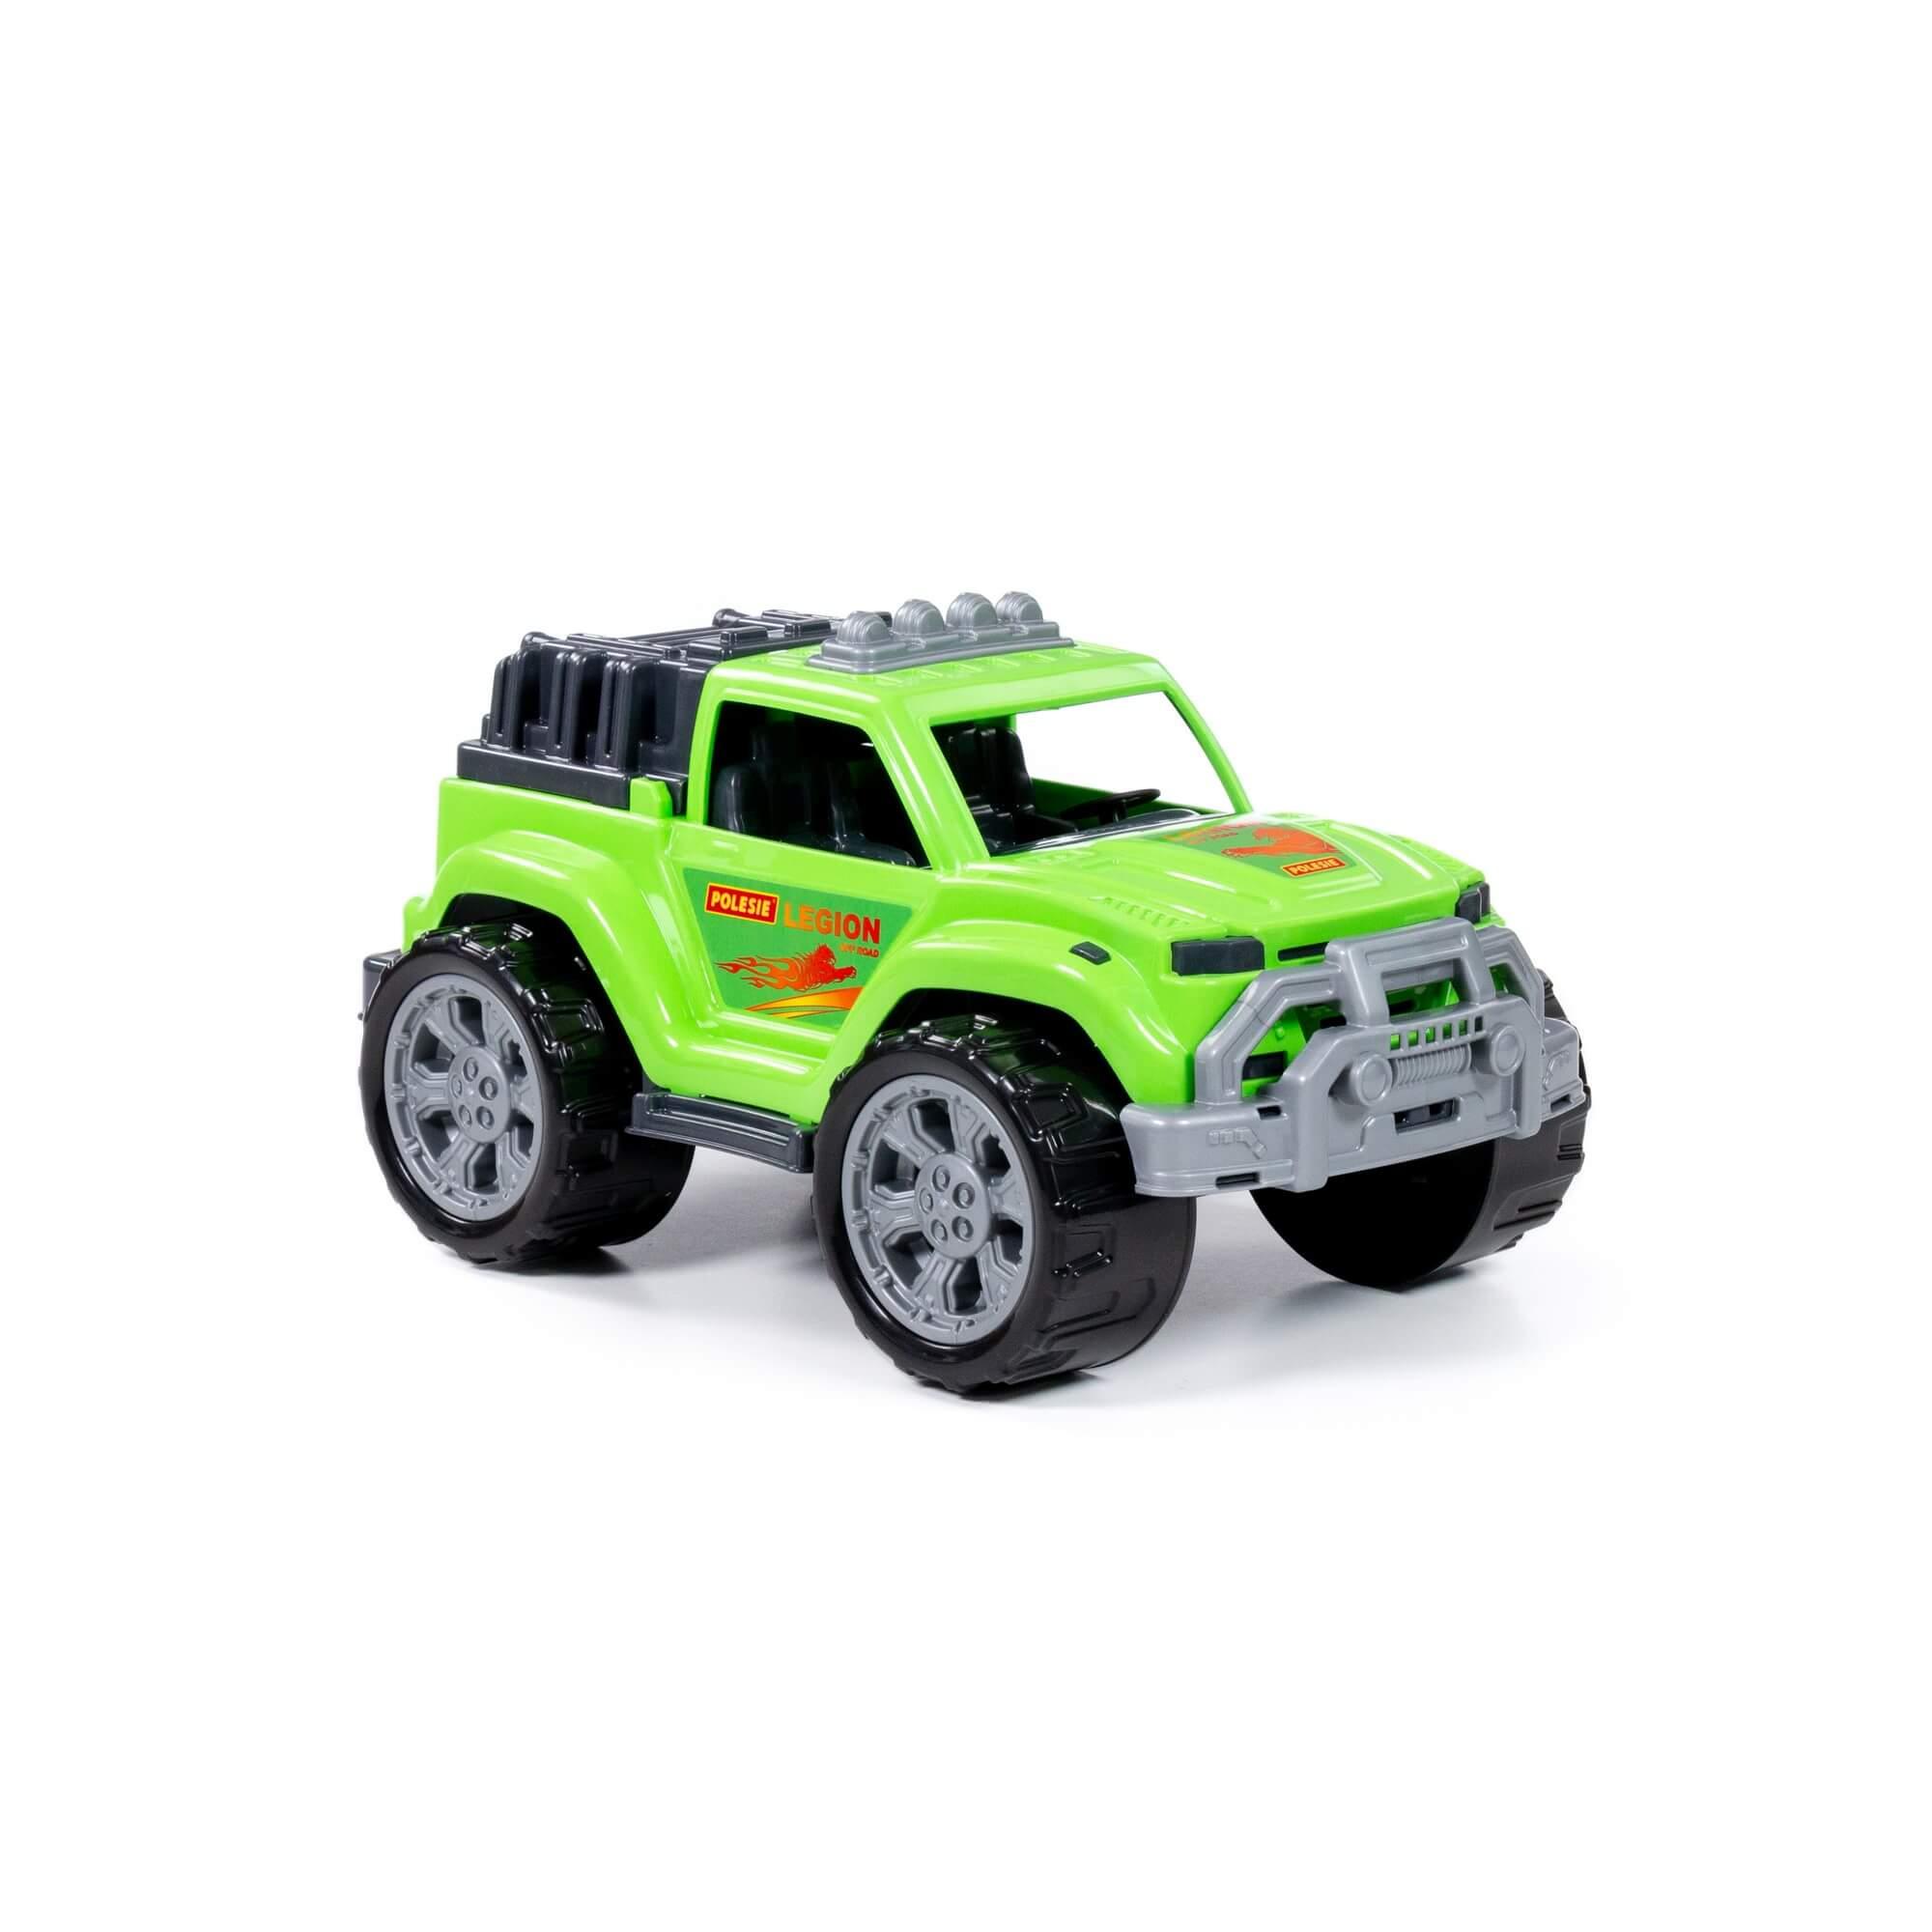 Lejyon, otomobil No:4 (yeşil) (filede) Ref. 89076 - photo #5